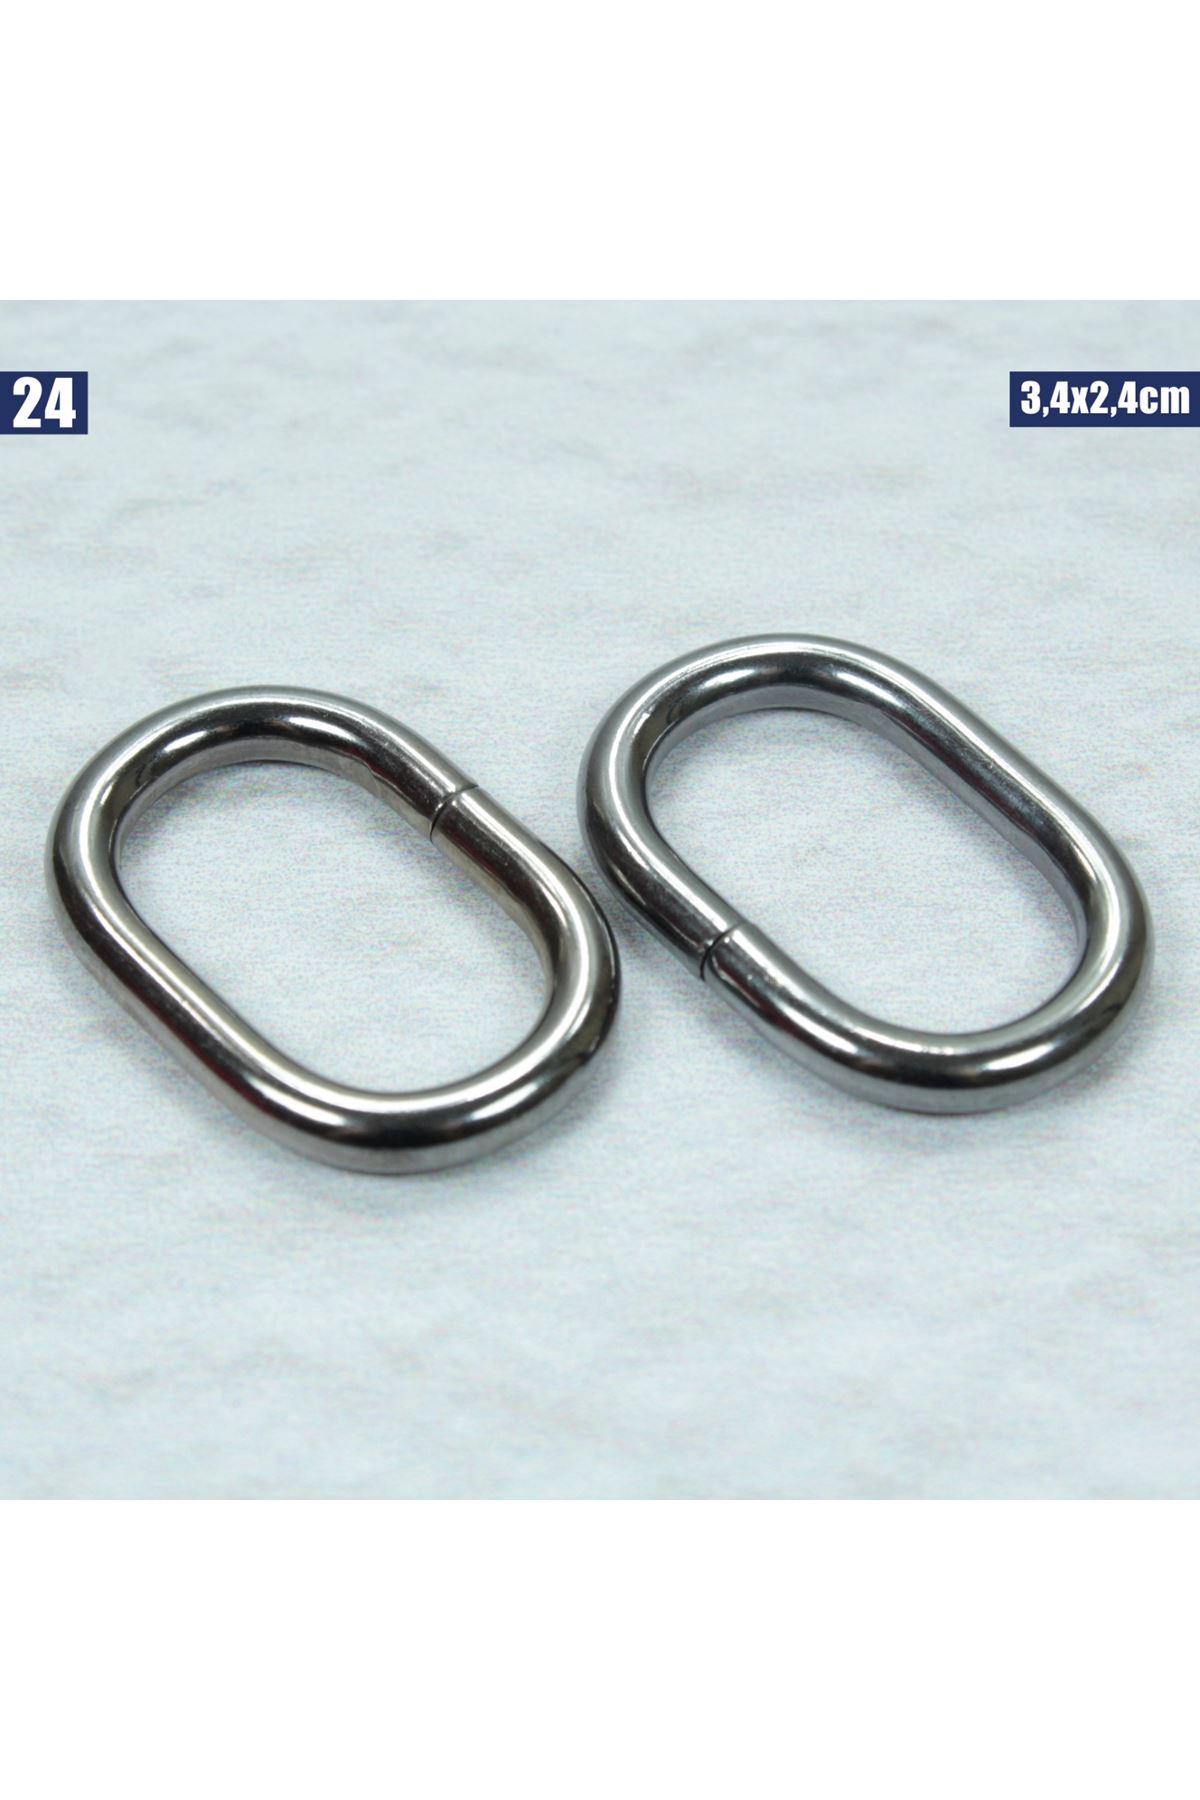 Metal Çanta Halkası 24